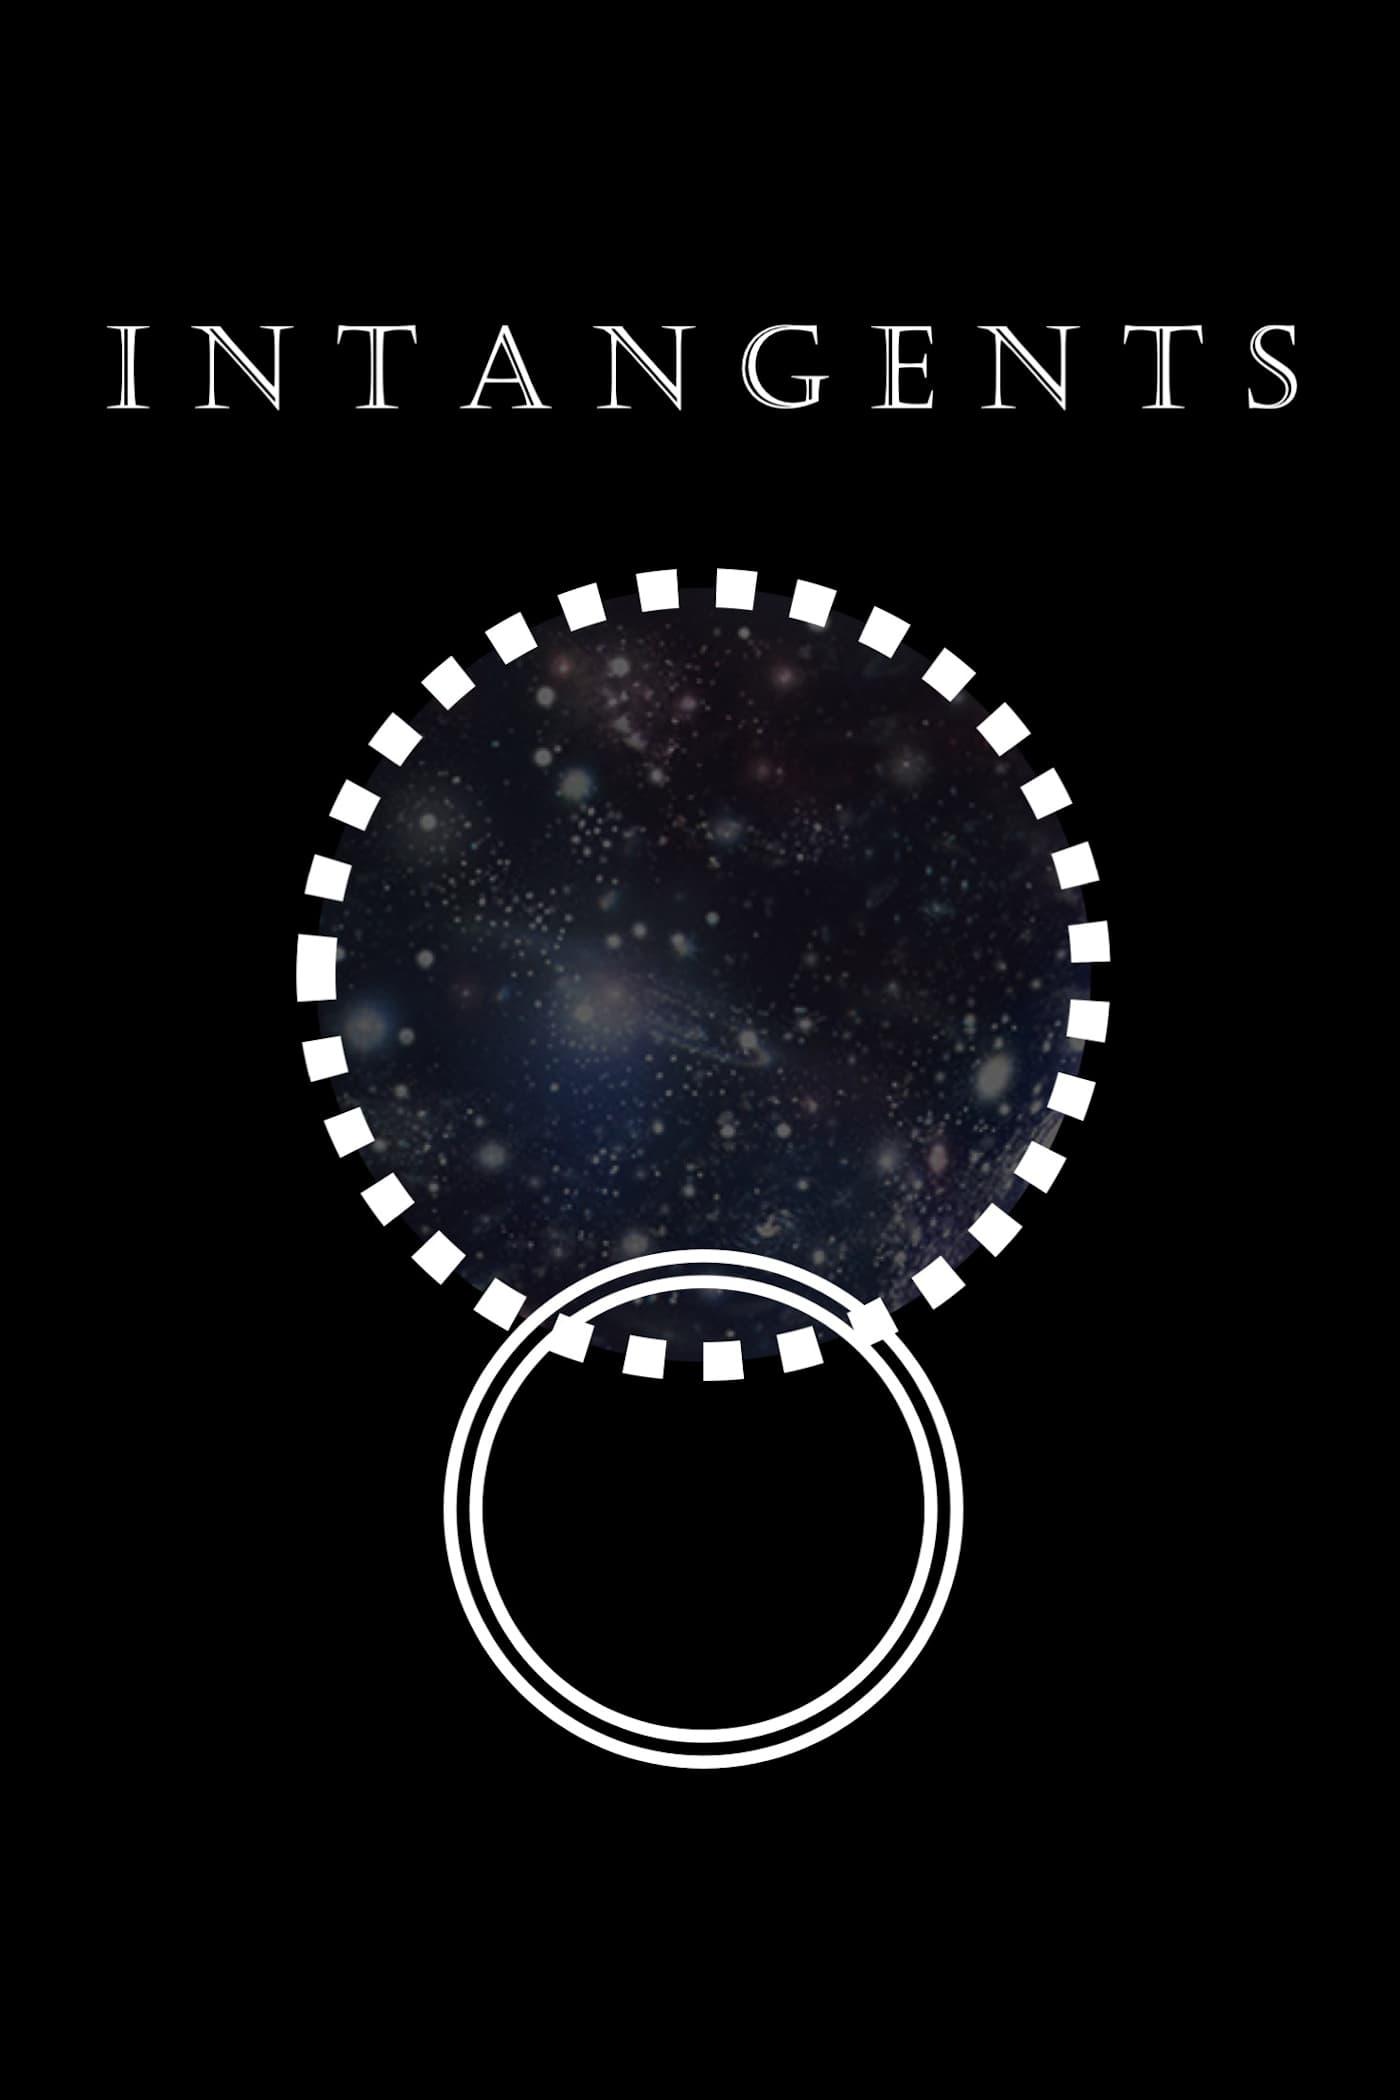 Intangents